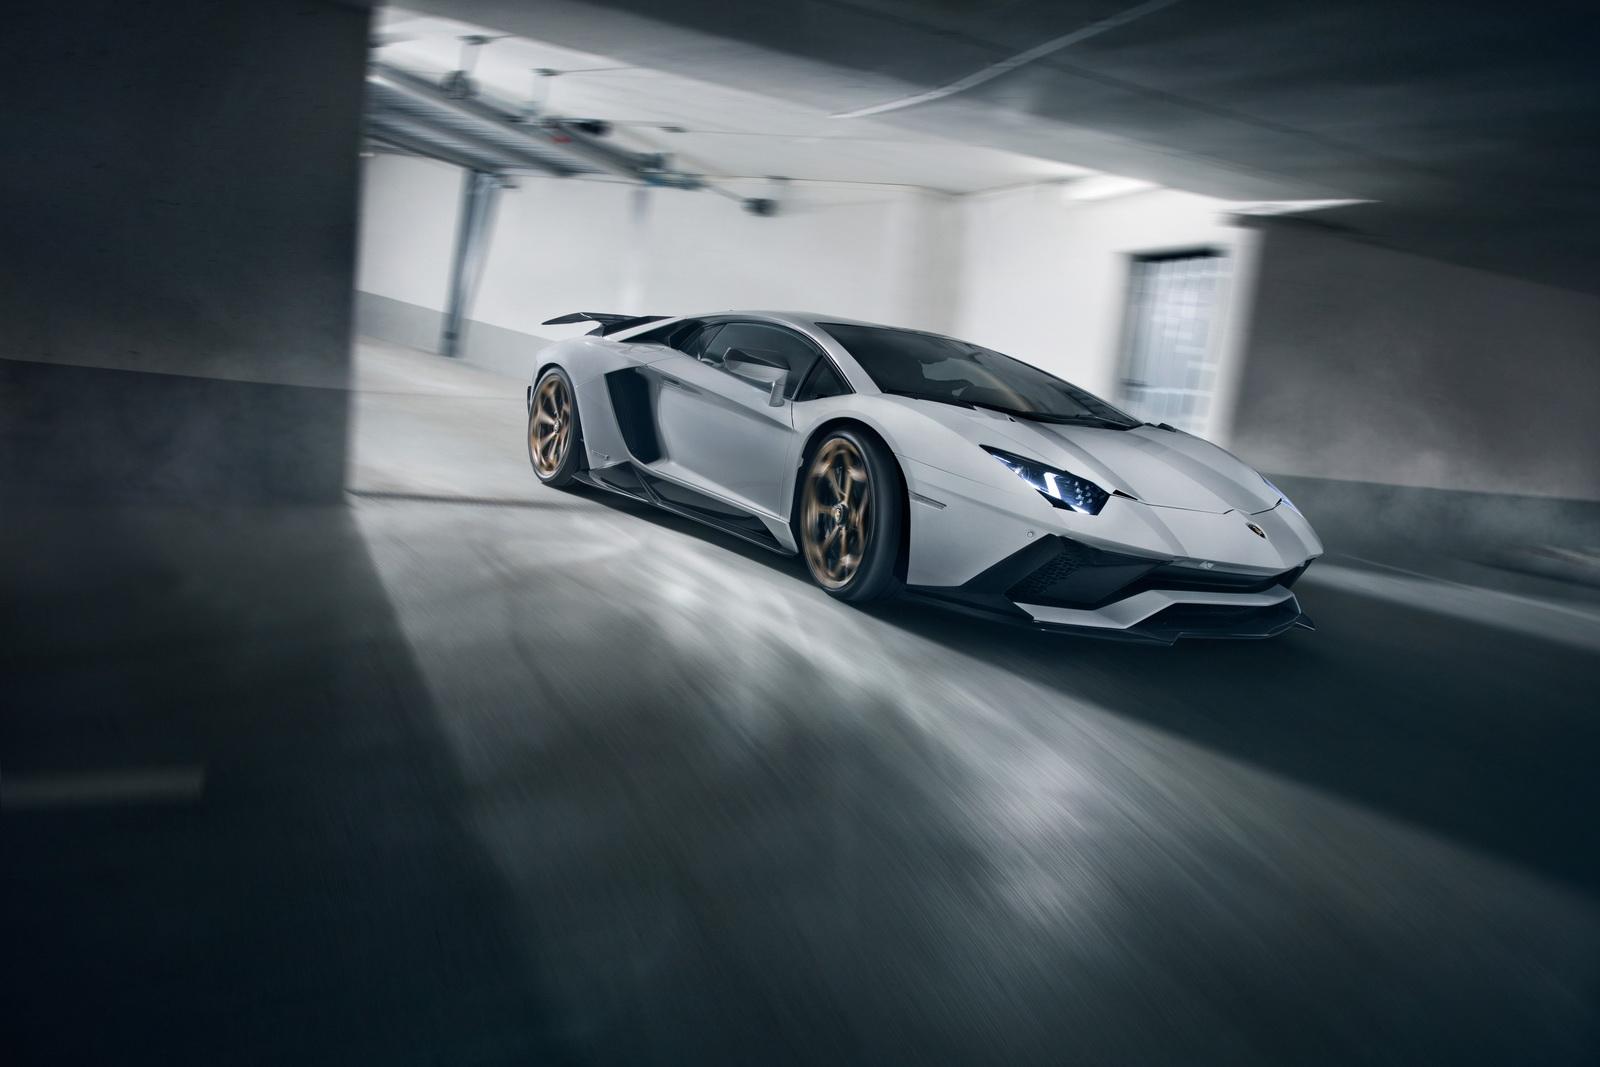 Lamborghini_Aventador_S_by_Novitec_0002